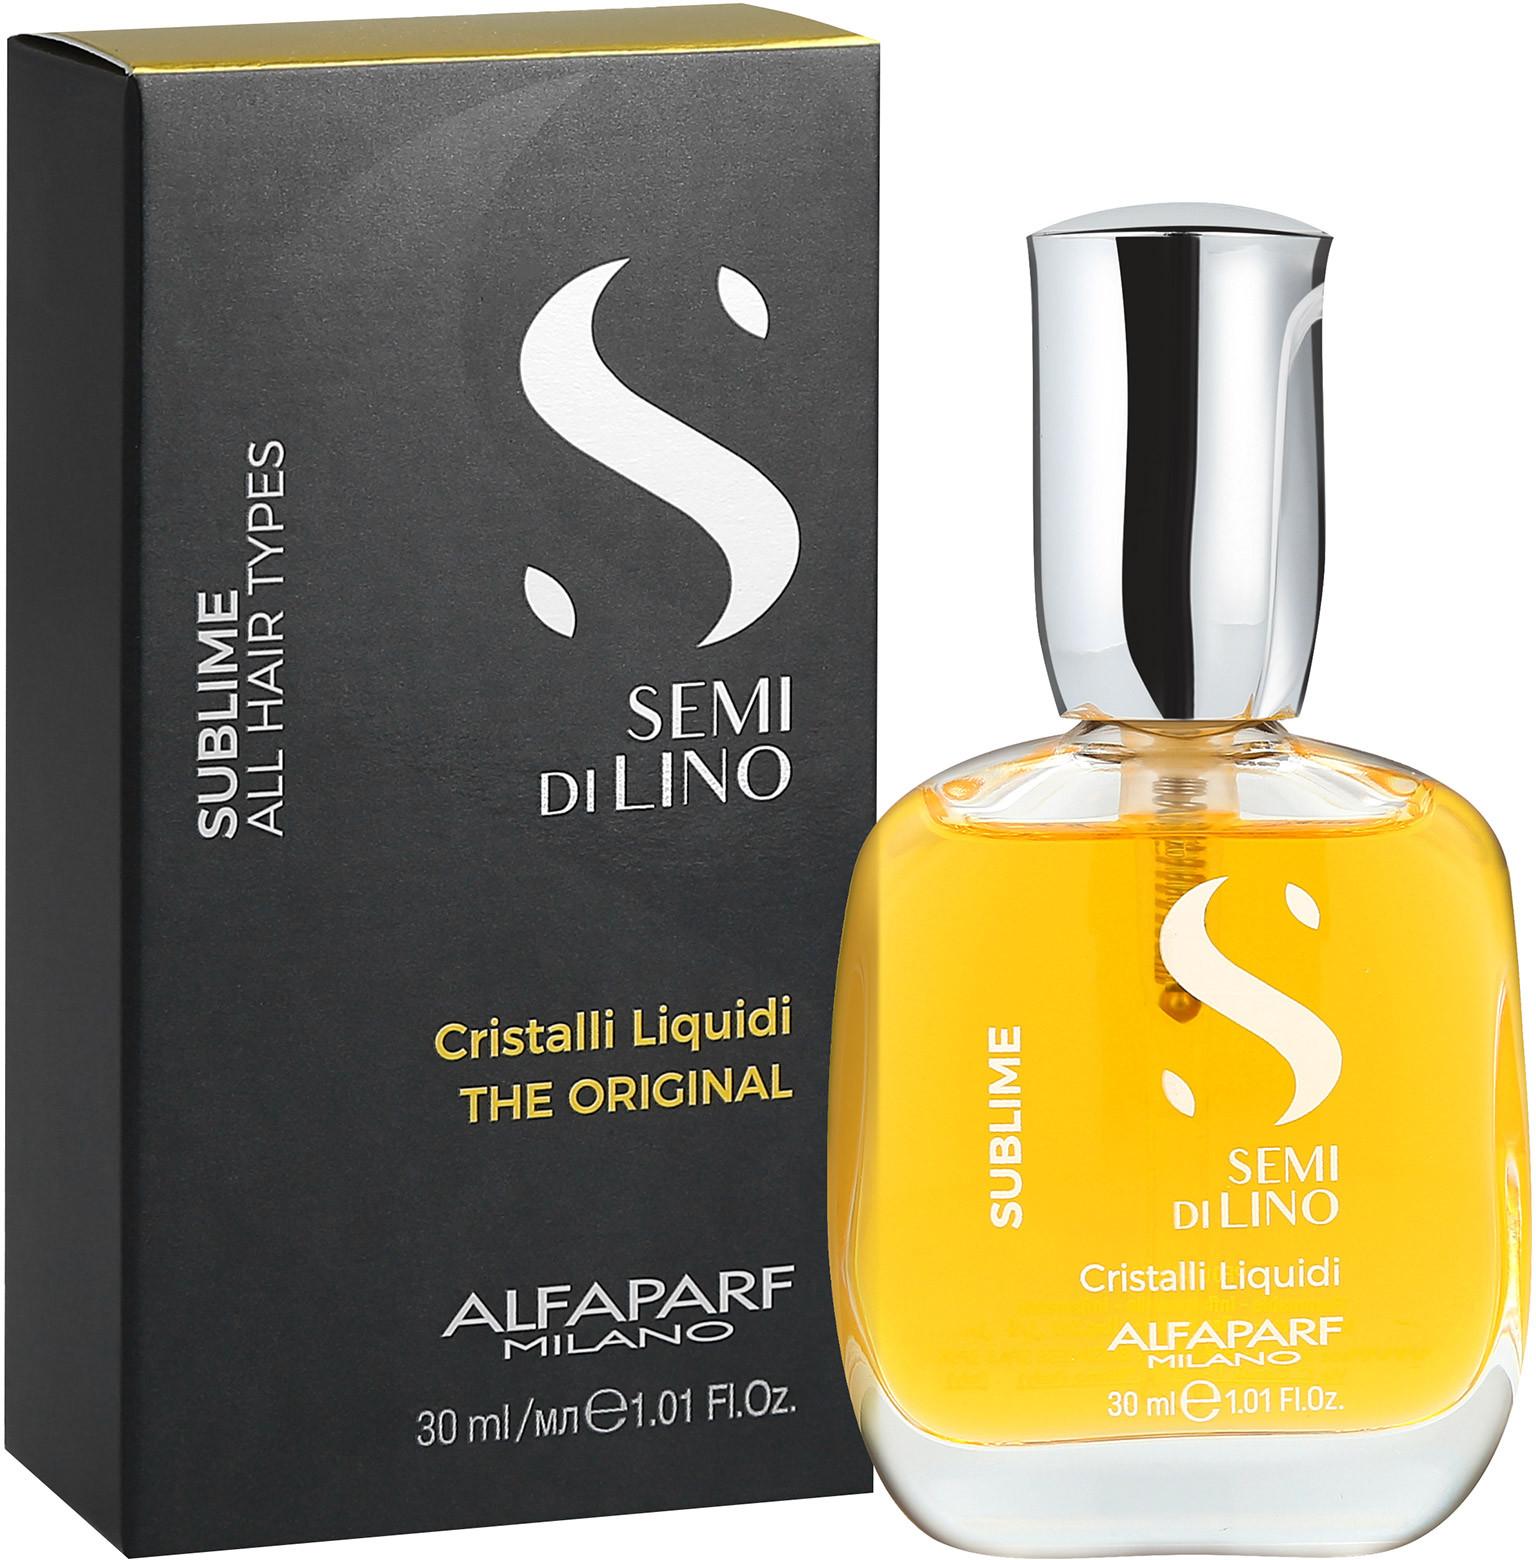 Alfaparf SEMI DI LINO SUBLIME Cristalli Liquidi Płynne kryształki do włosów 30ml 0000061273